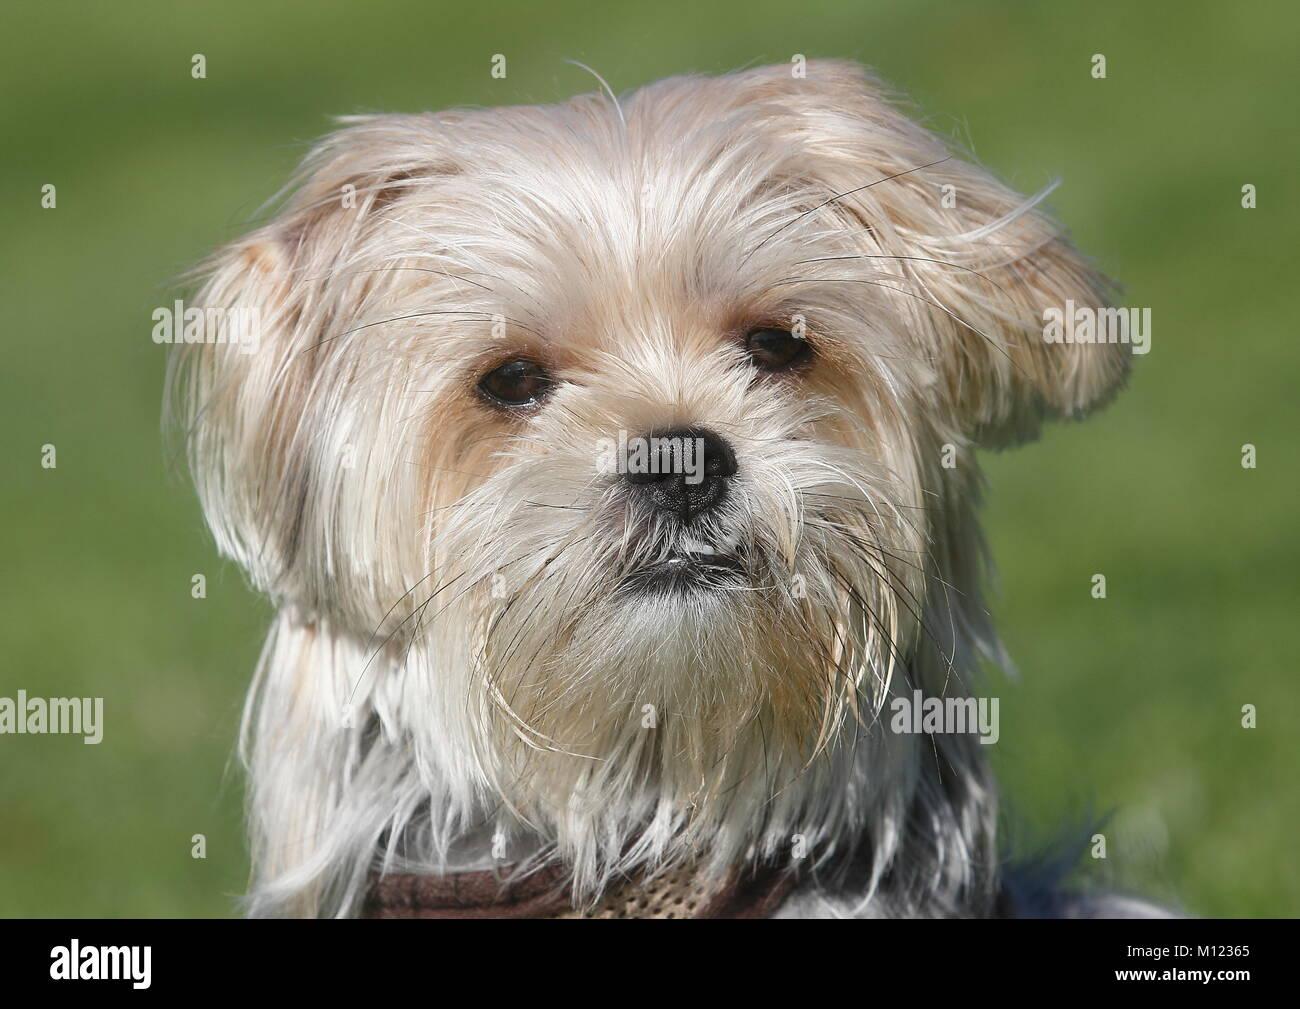 Yorkie Shih Tzu Mongrelmale1 Yearportraitnorth Stock Photo